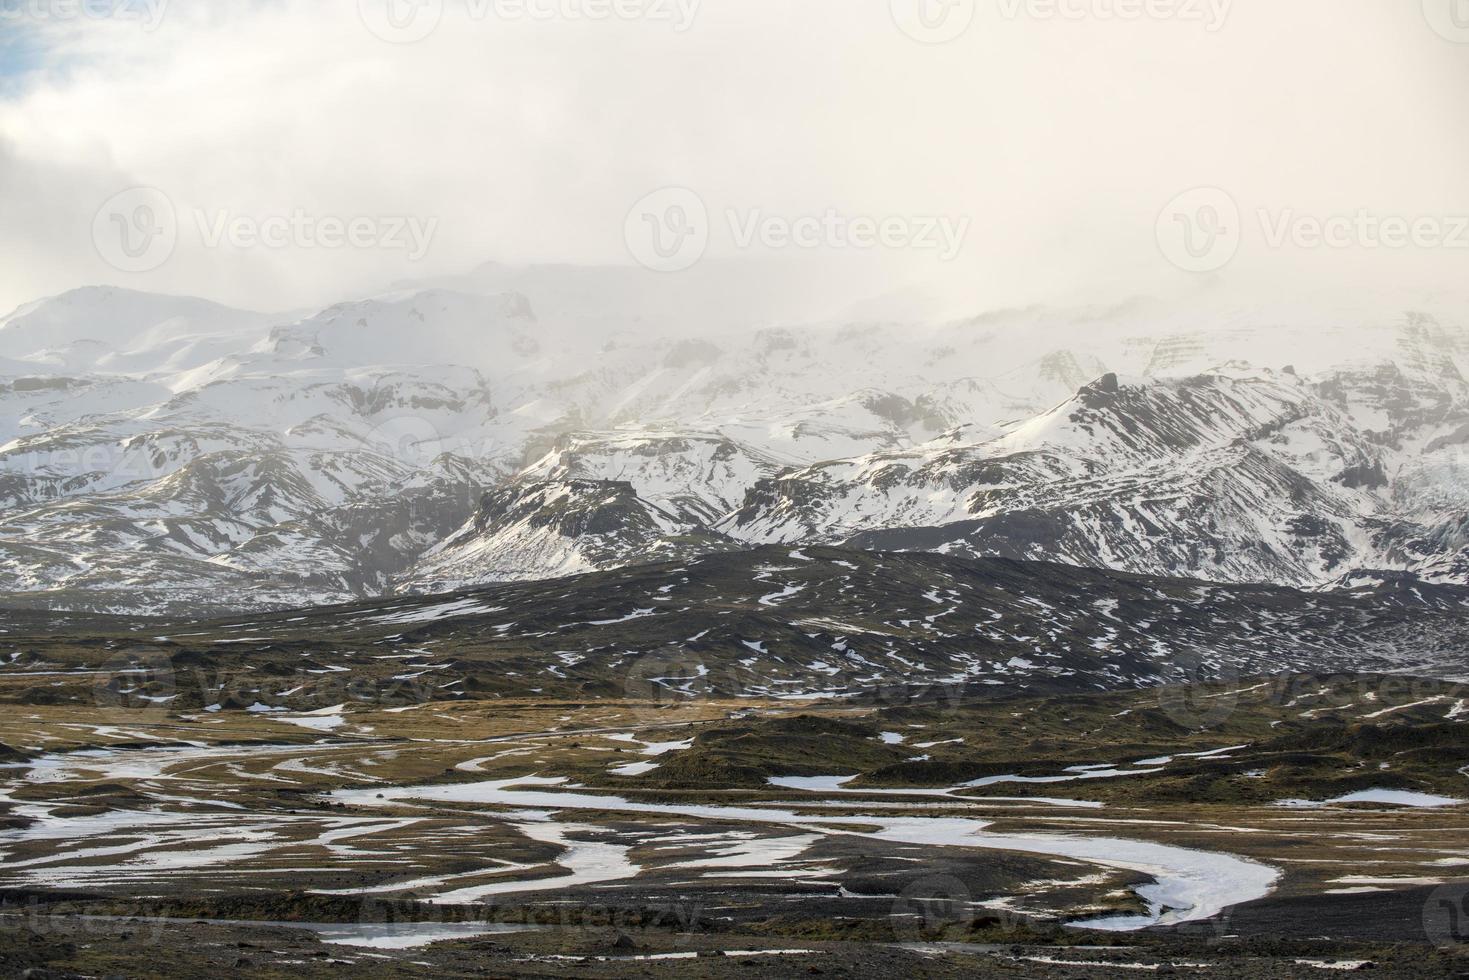 paisagem com montanhas e nuvens de tempestade de neve, inverno, Islândia foto